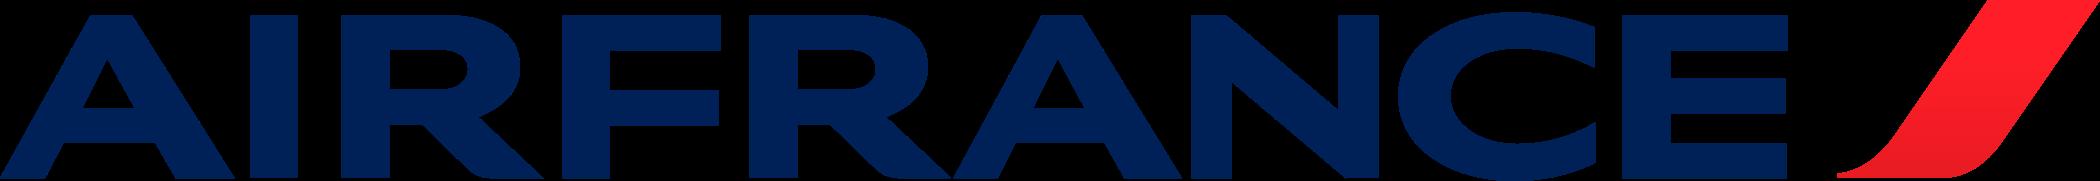 air france logo 1 - Air France Logo